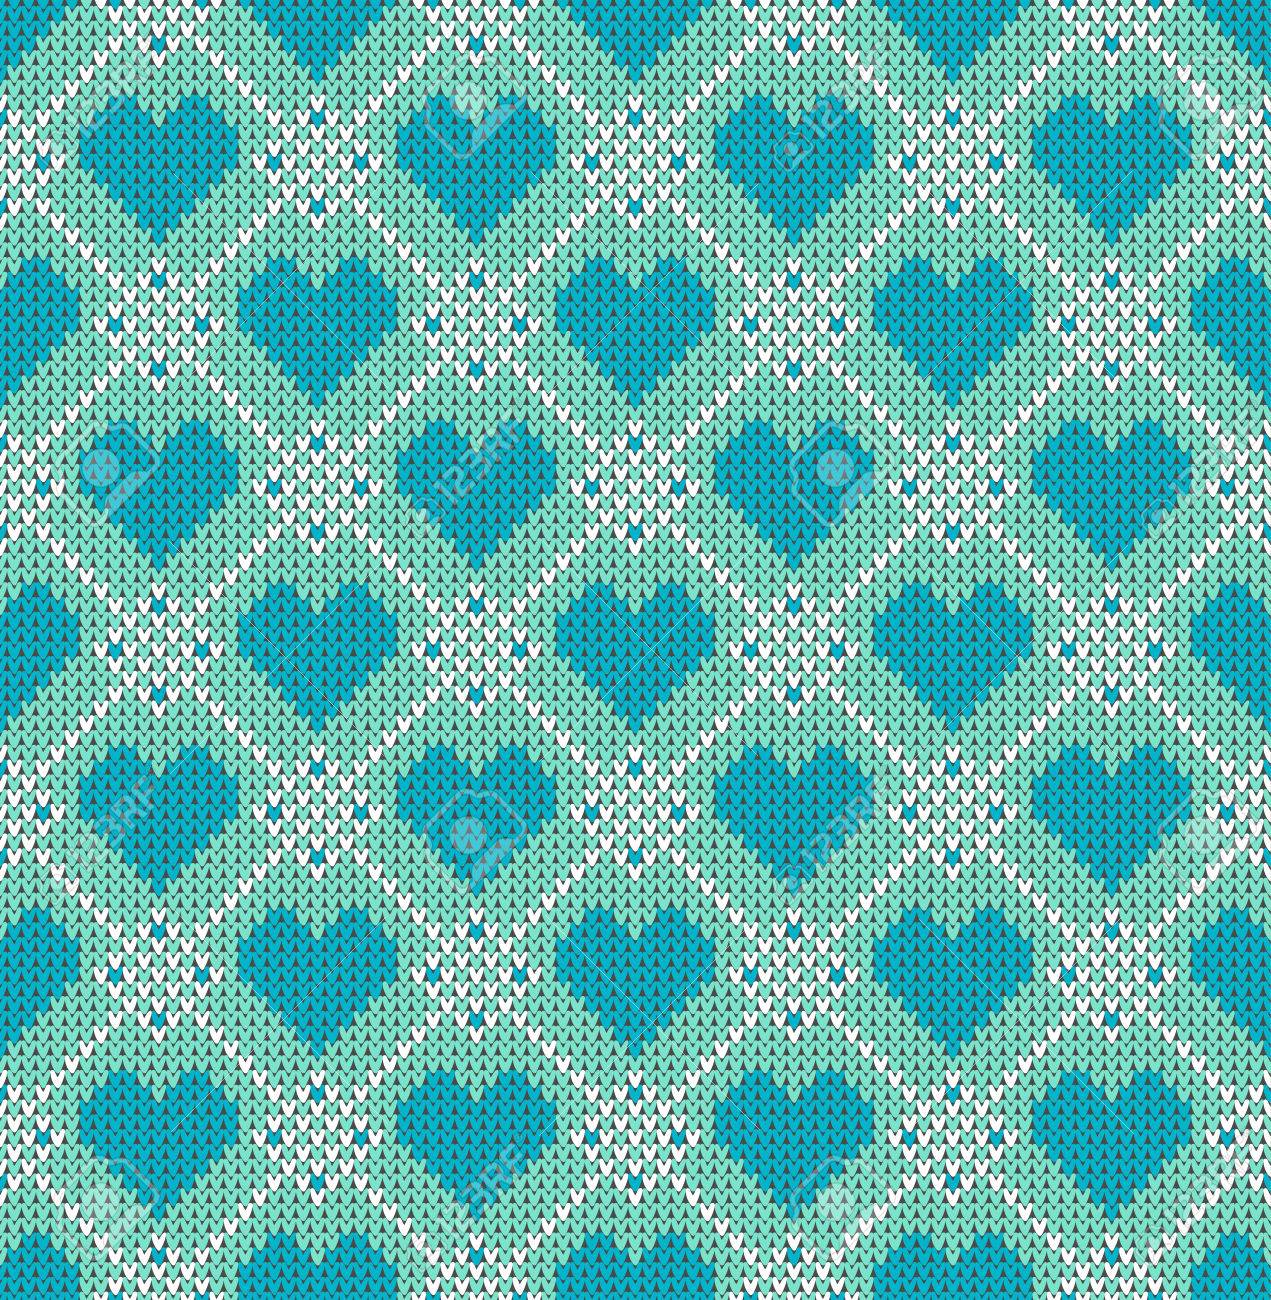 nahtlose muster zum thema valentinstag mit einem bild der norwegischen und fairisle muster trkis - Fair Isle Muster